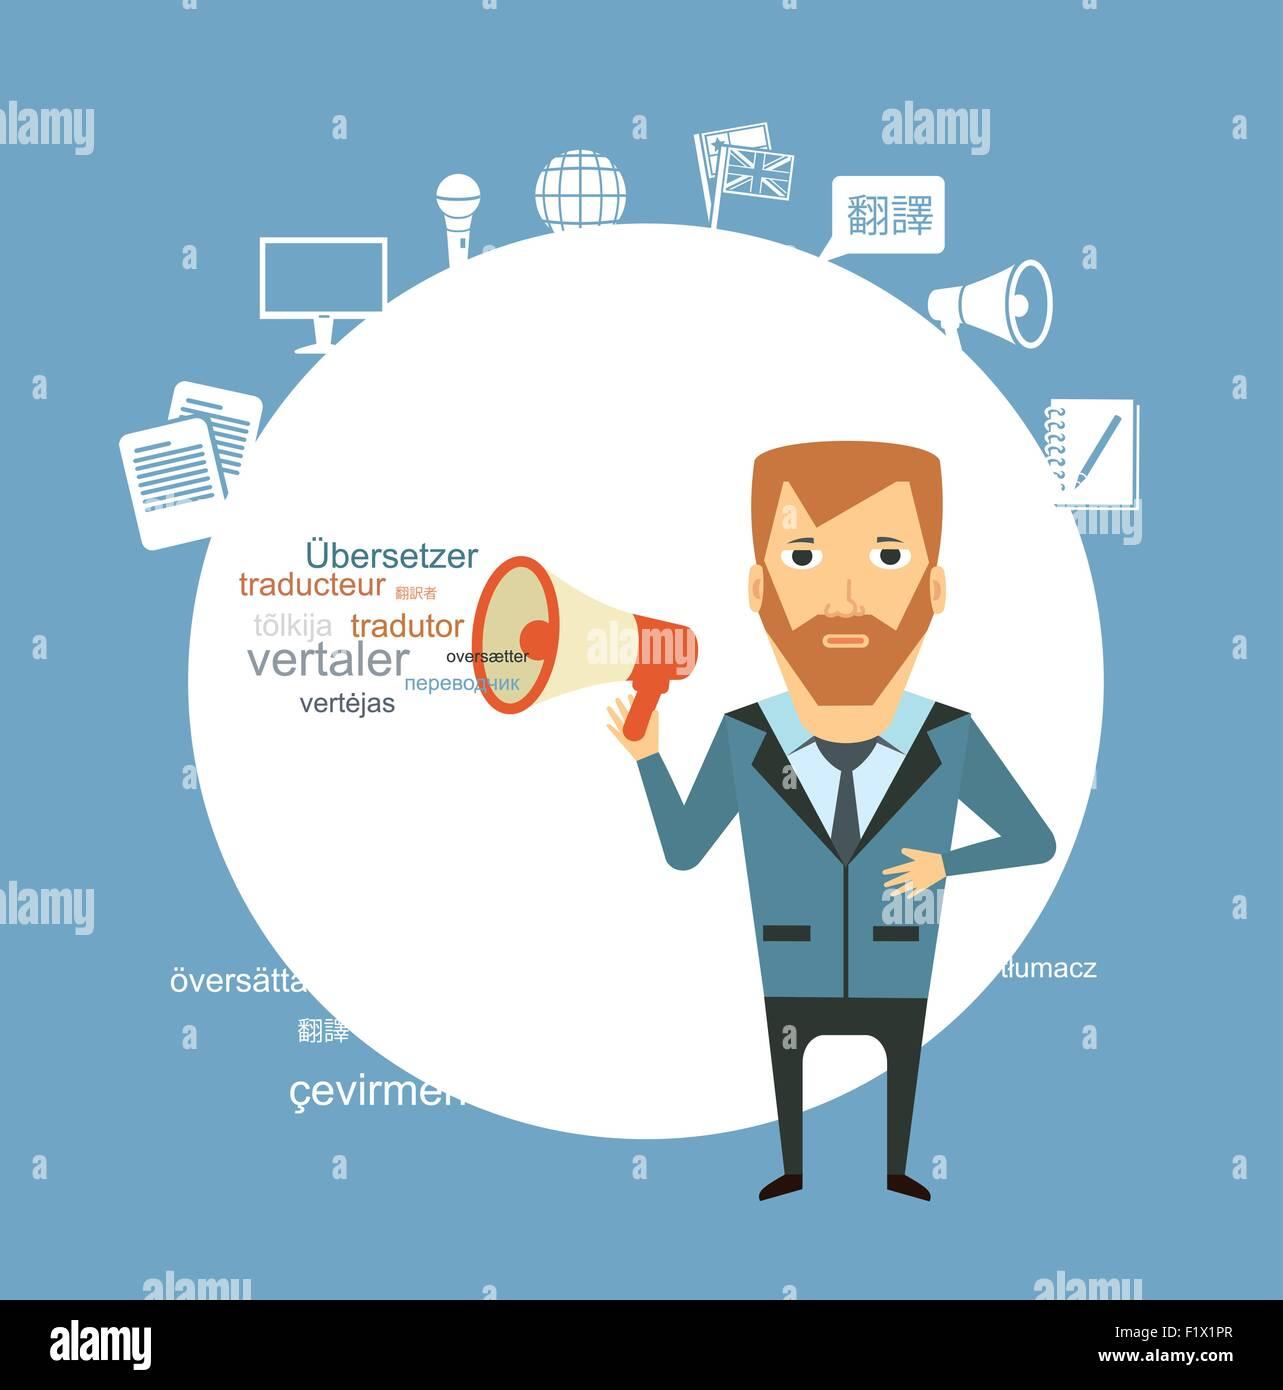 translator  says in speaker illustration. Flat modern style vector design - Stock Image